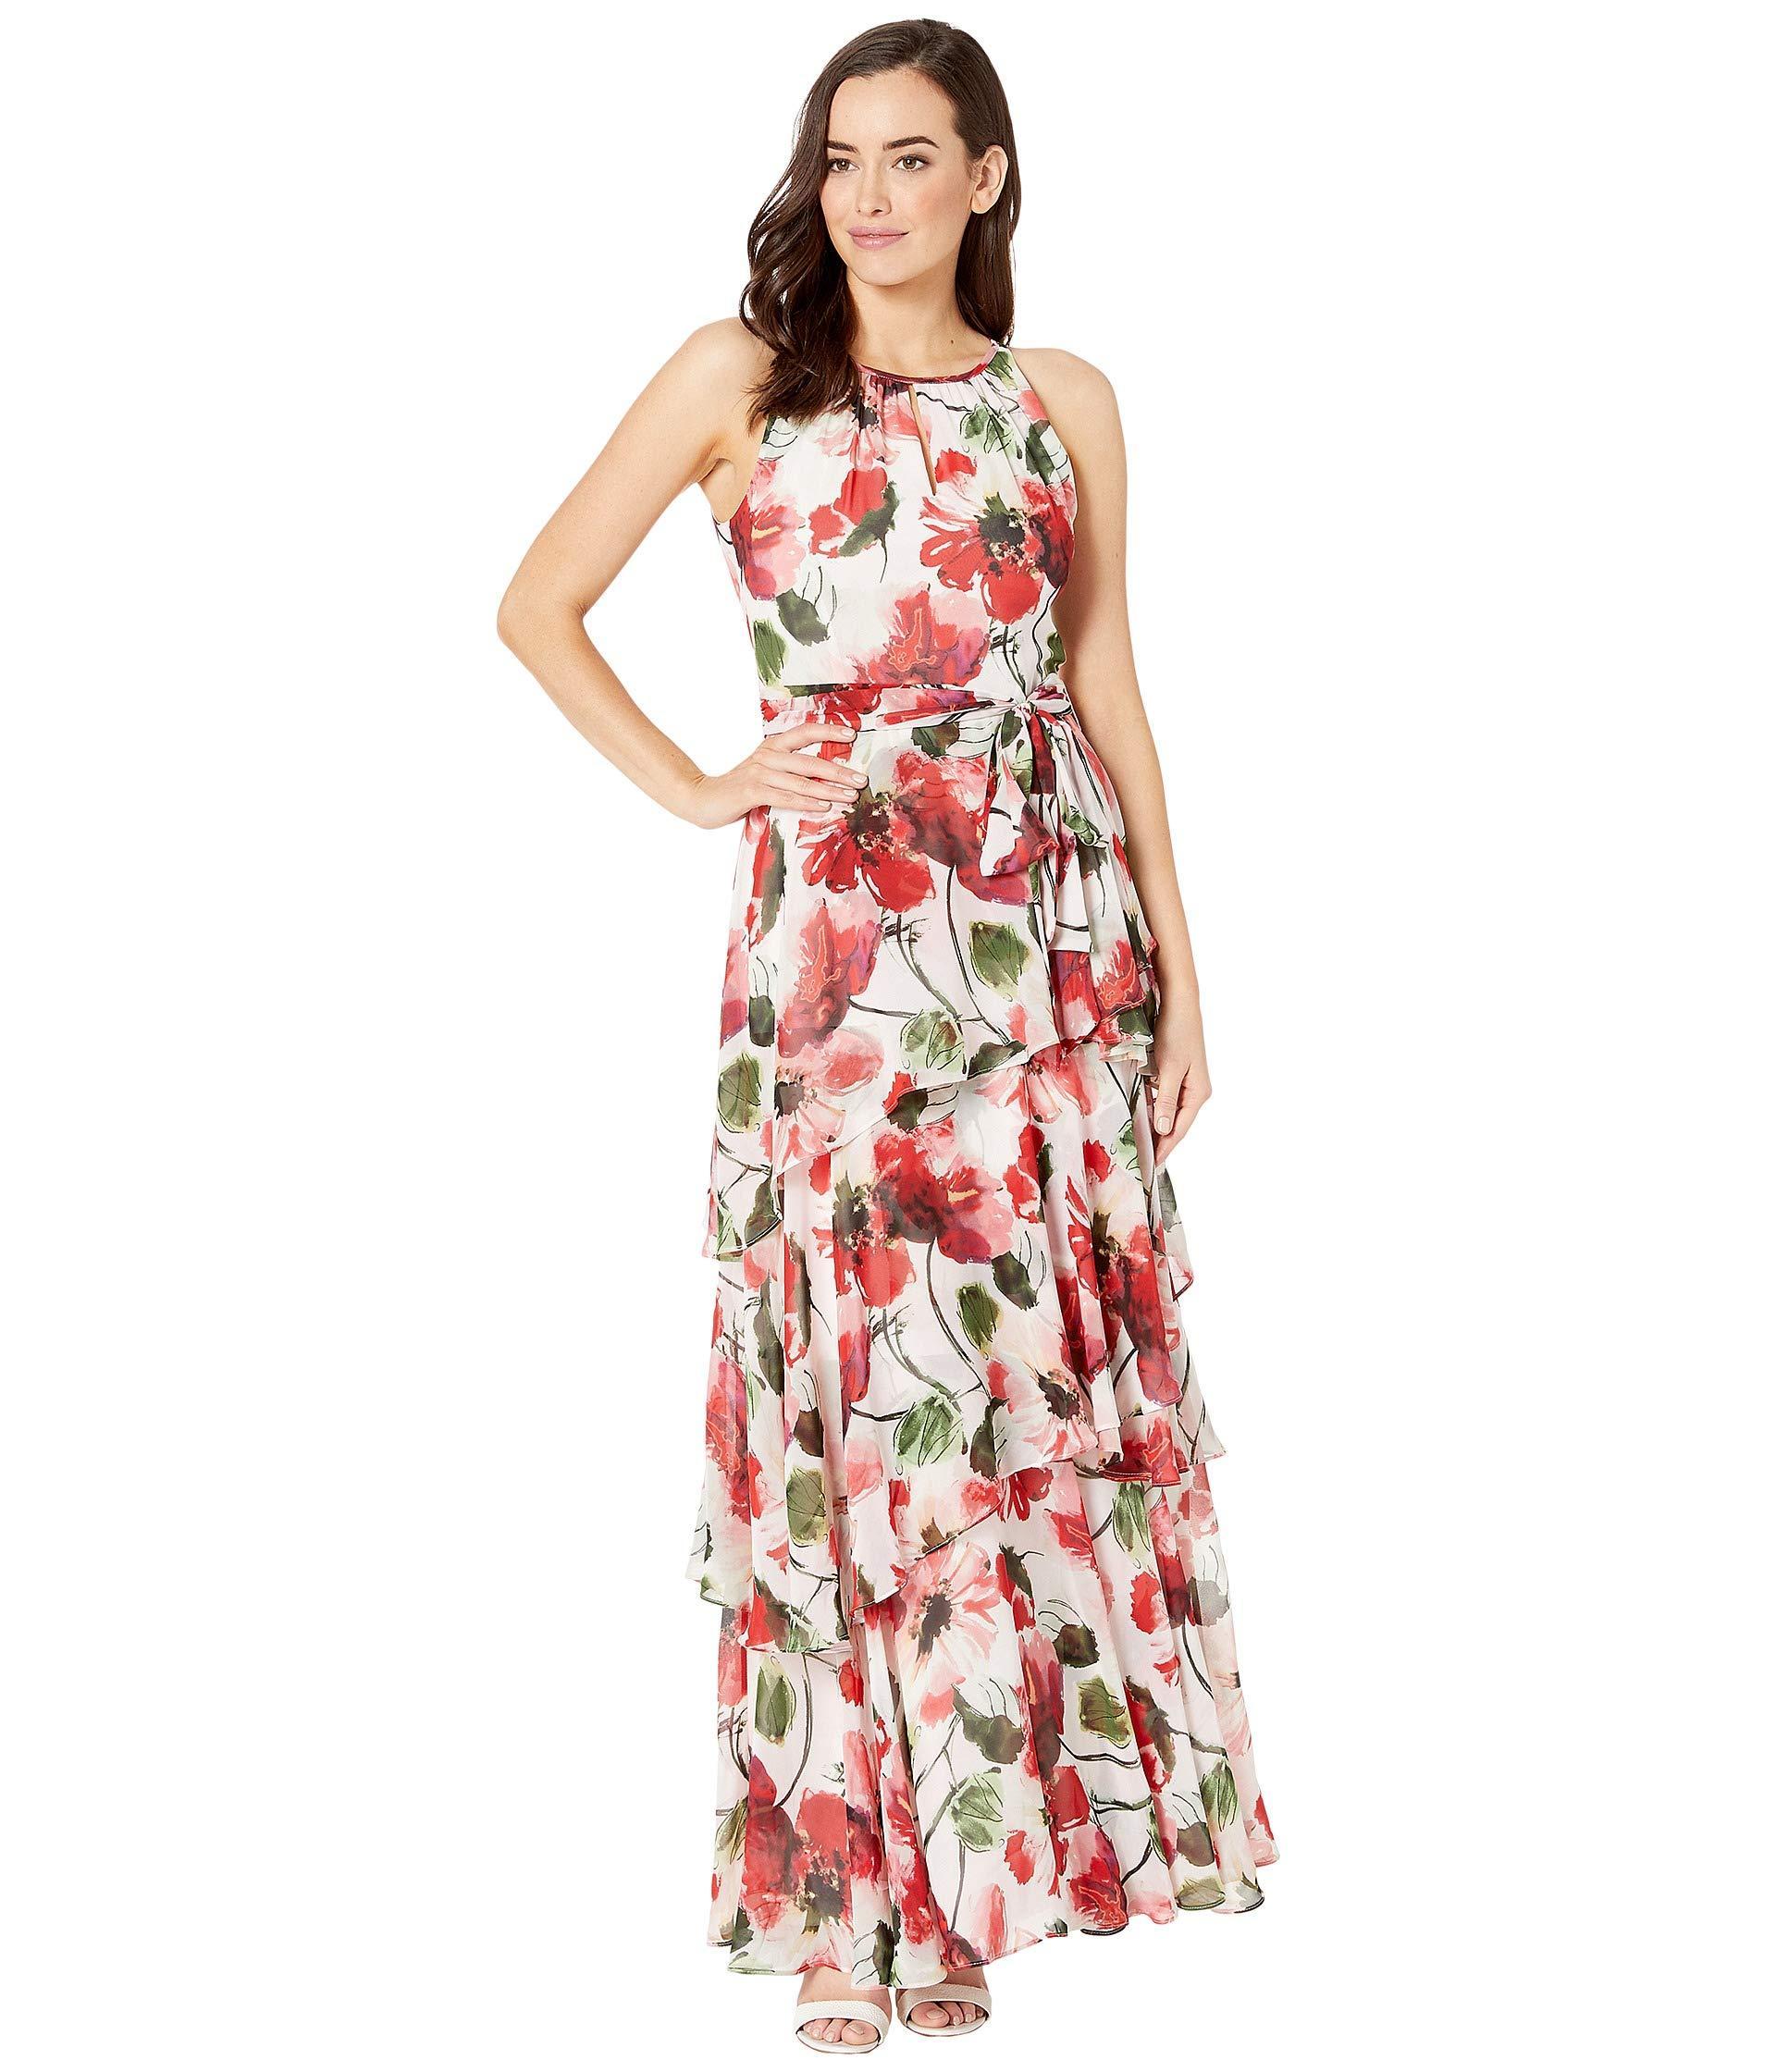 d7a8bba2b96b Tahari - Printed Chiffon Tiered Ruffle Maxi Dress - Lyst. View fullscreen